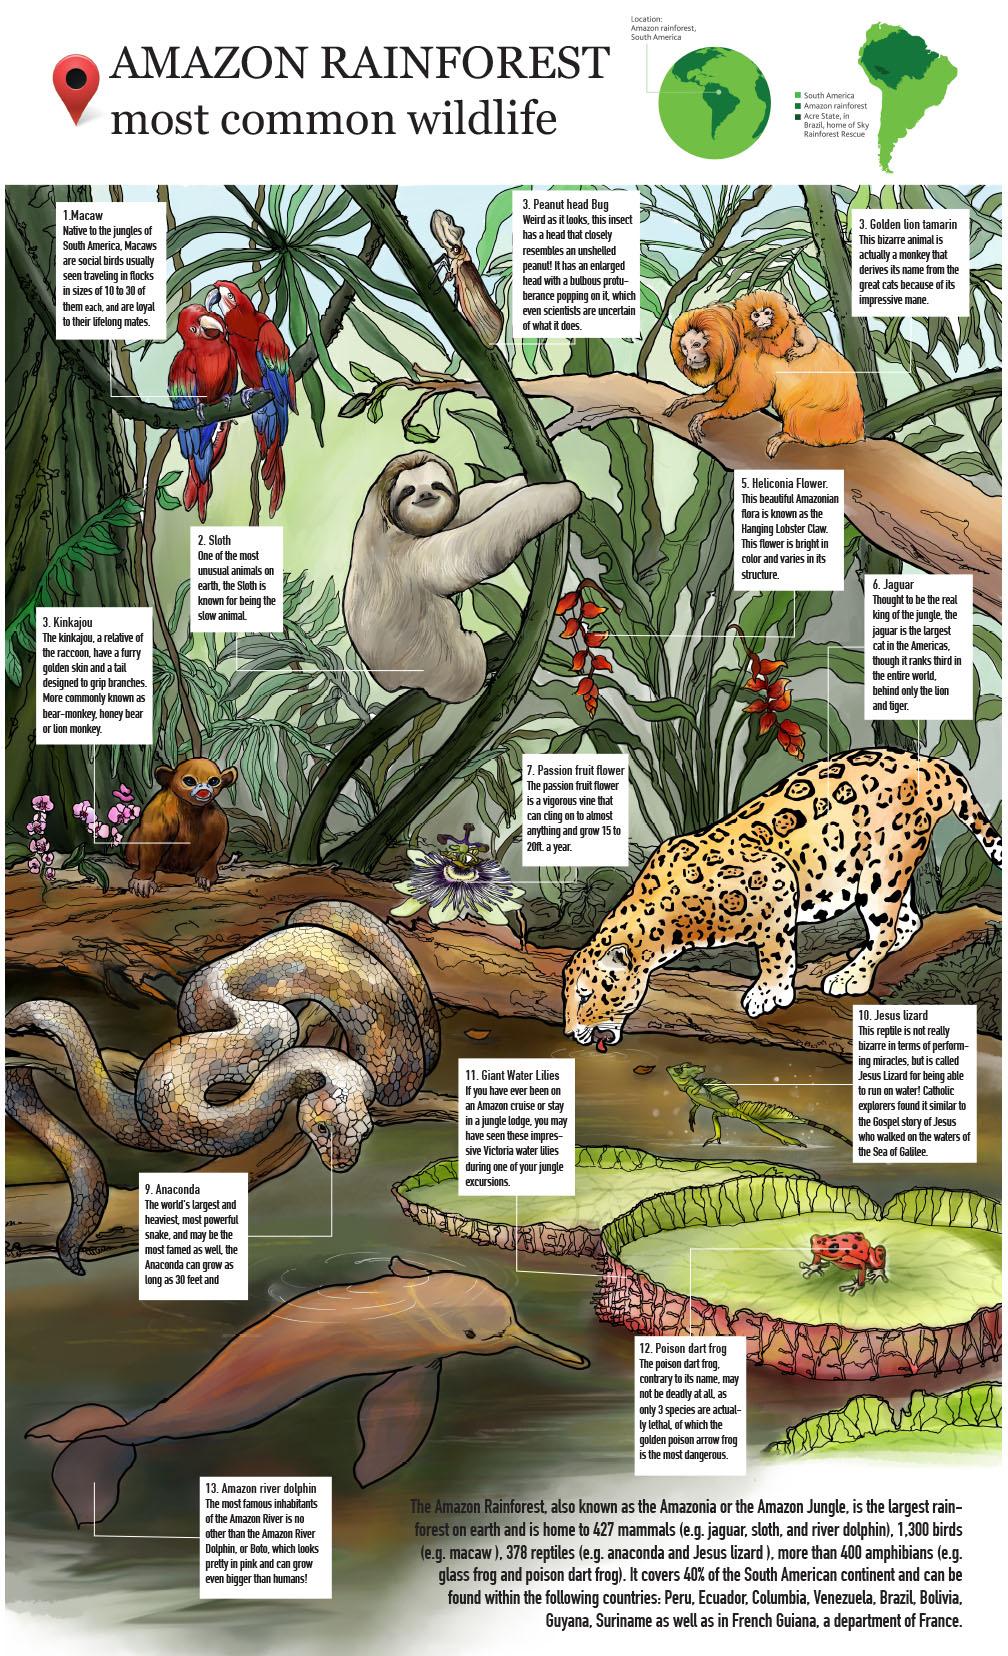 Amazon Rainforest Most Common Wildlife